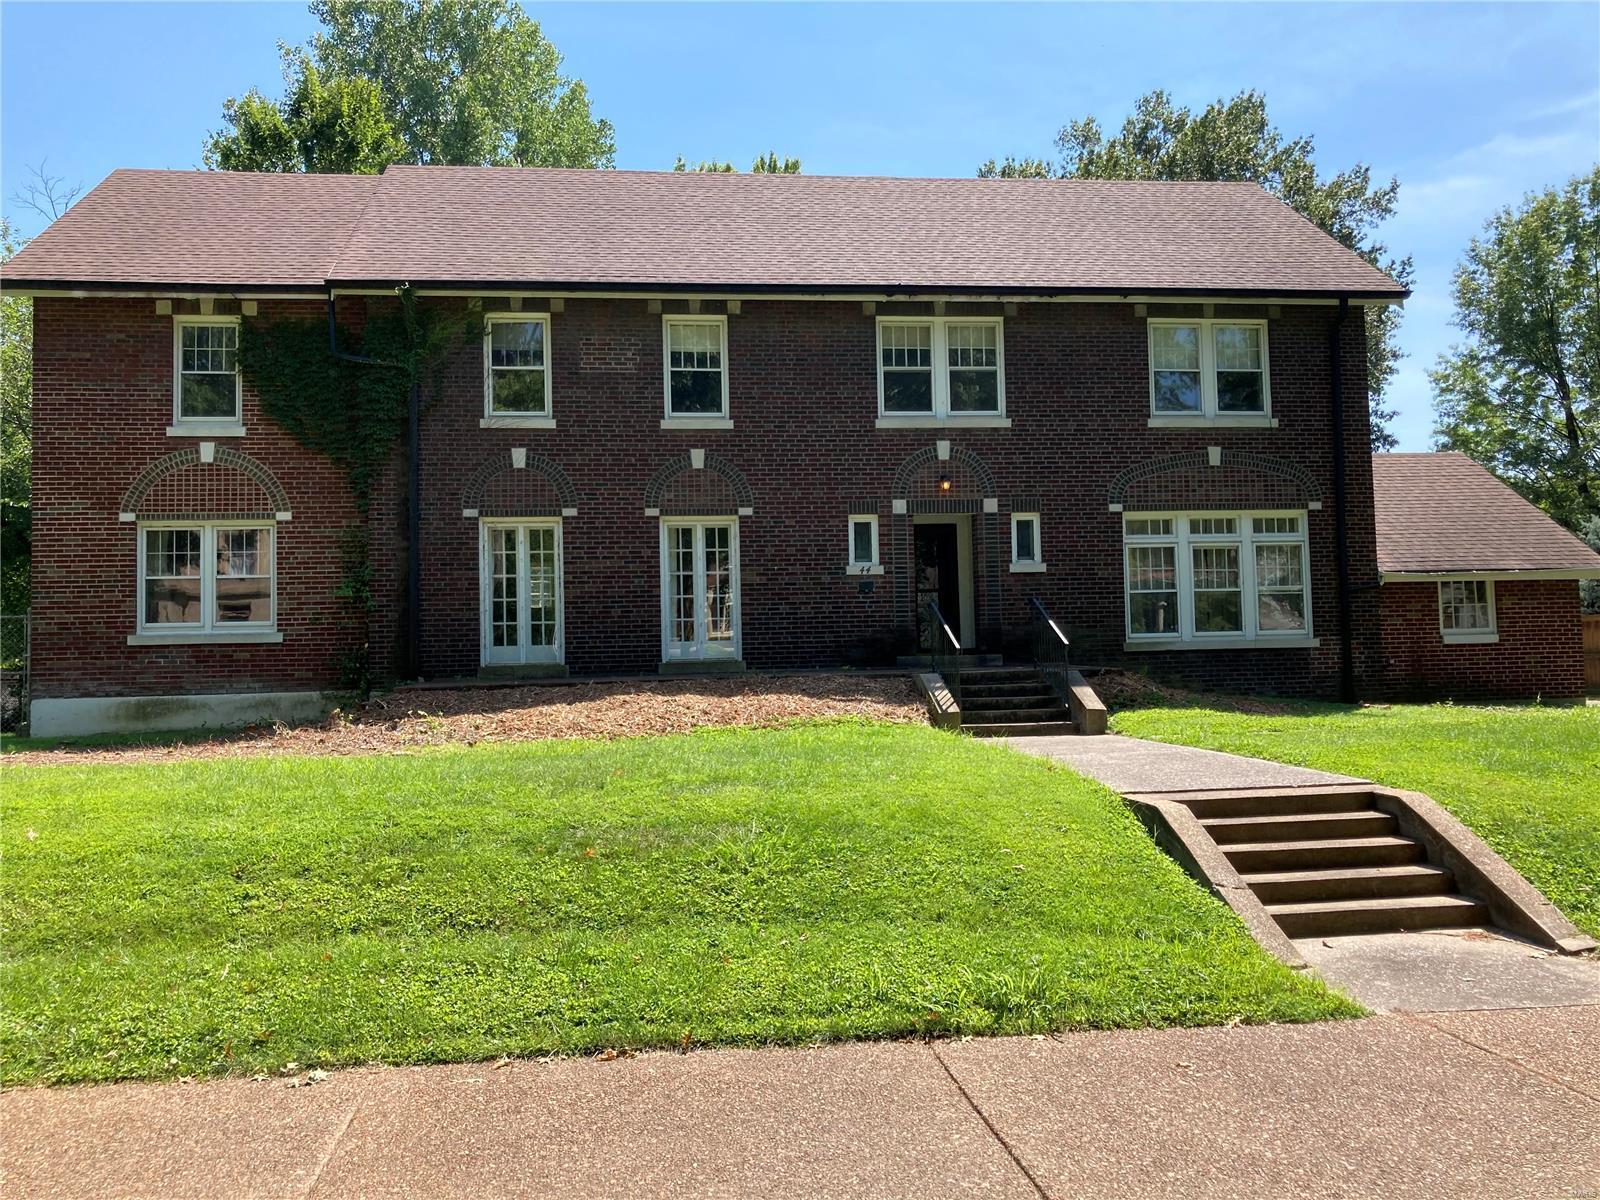 44 Washington Terr Property Photo - St Louis, MO real estate listing